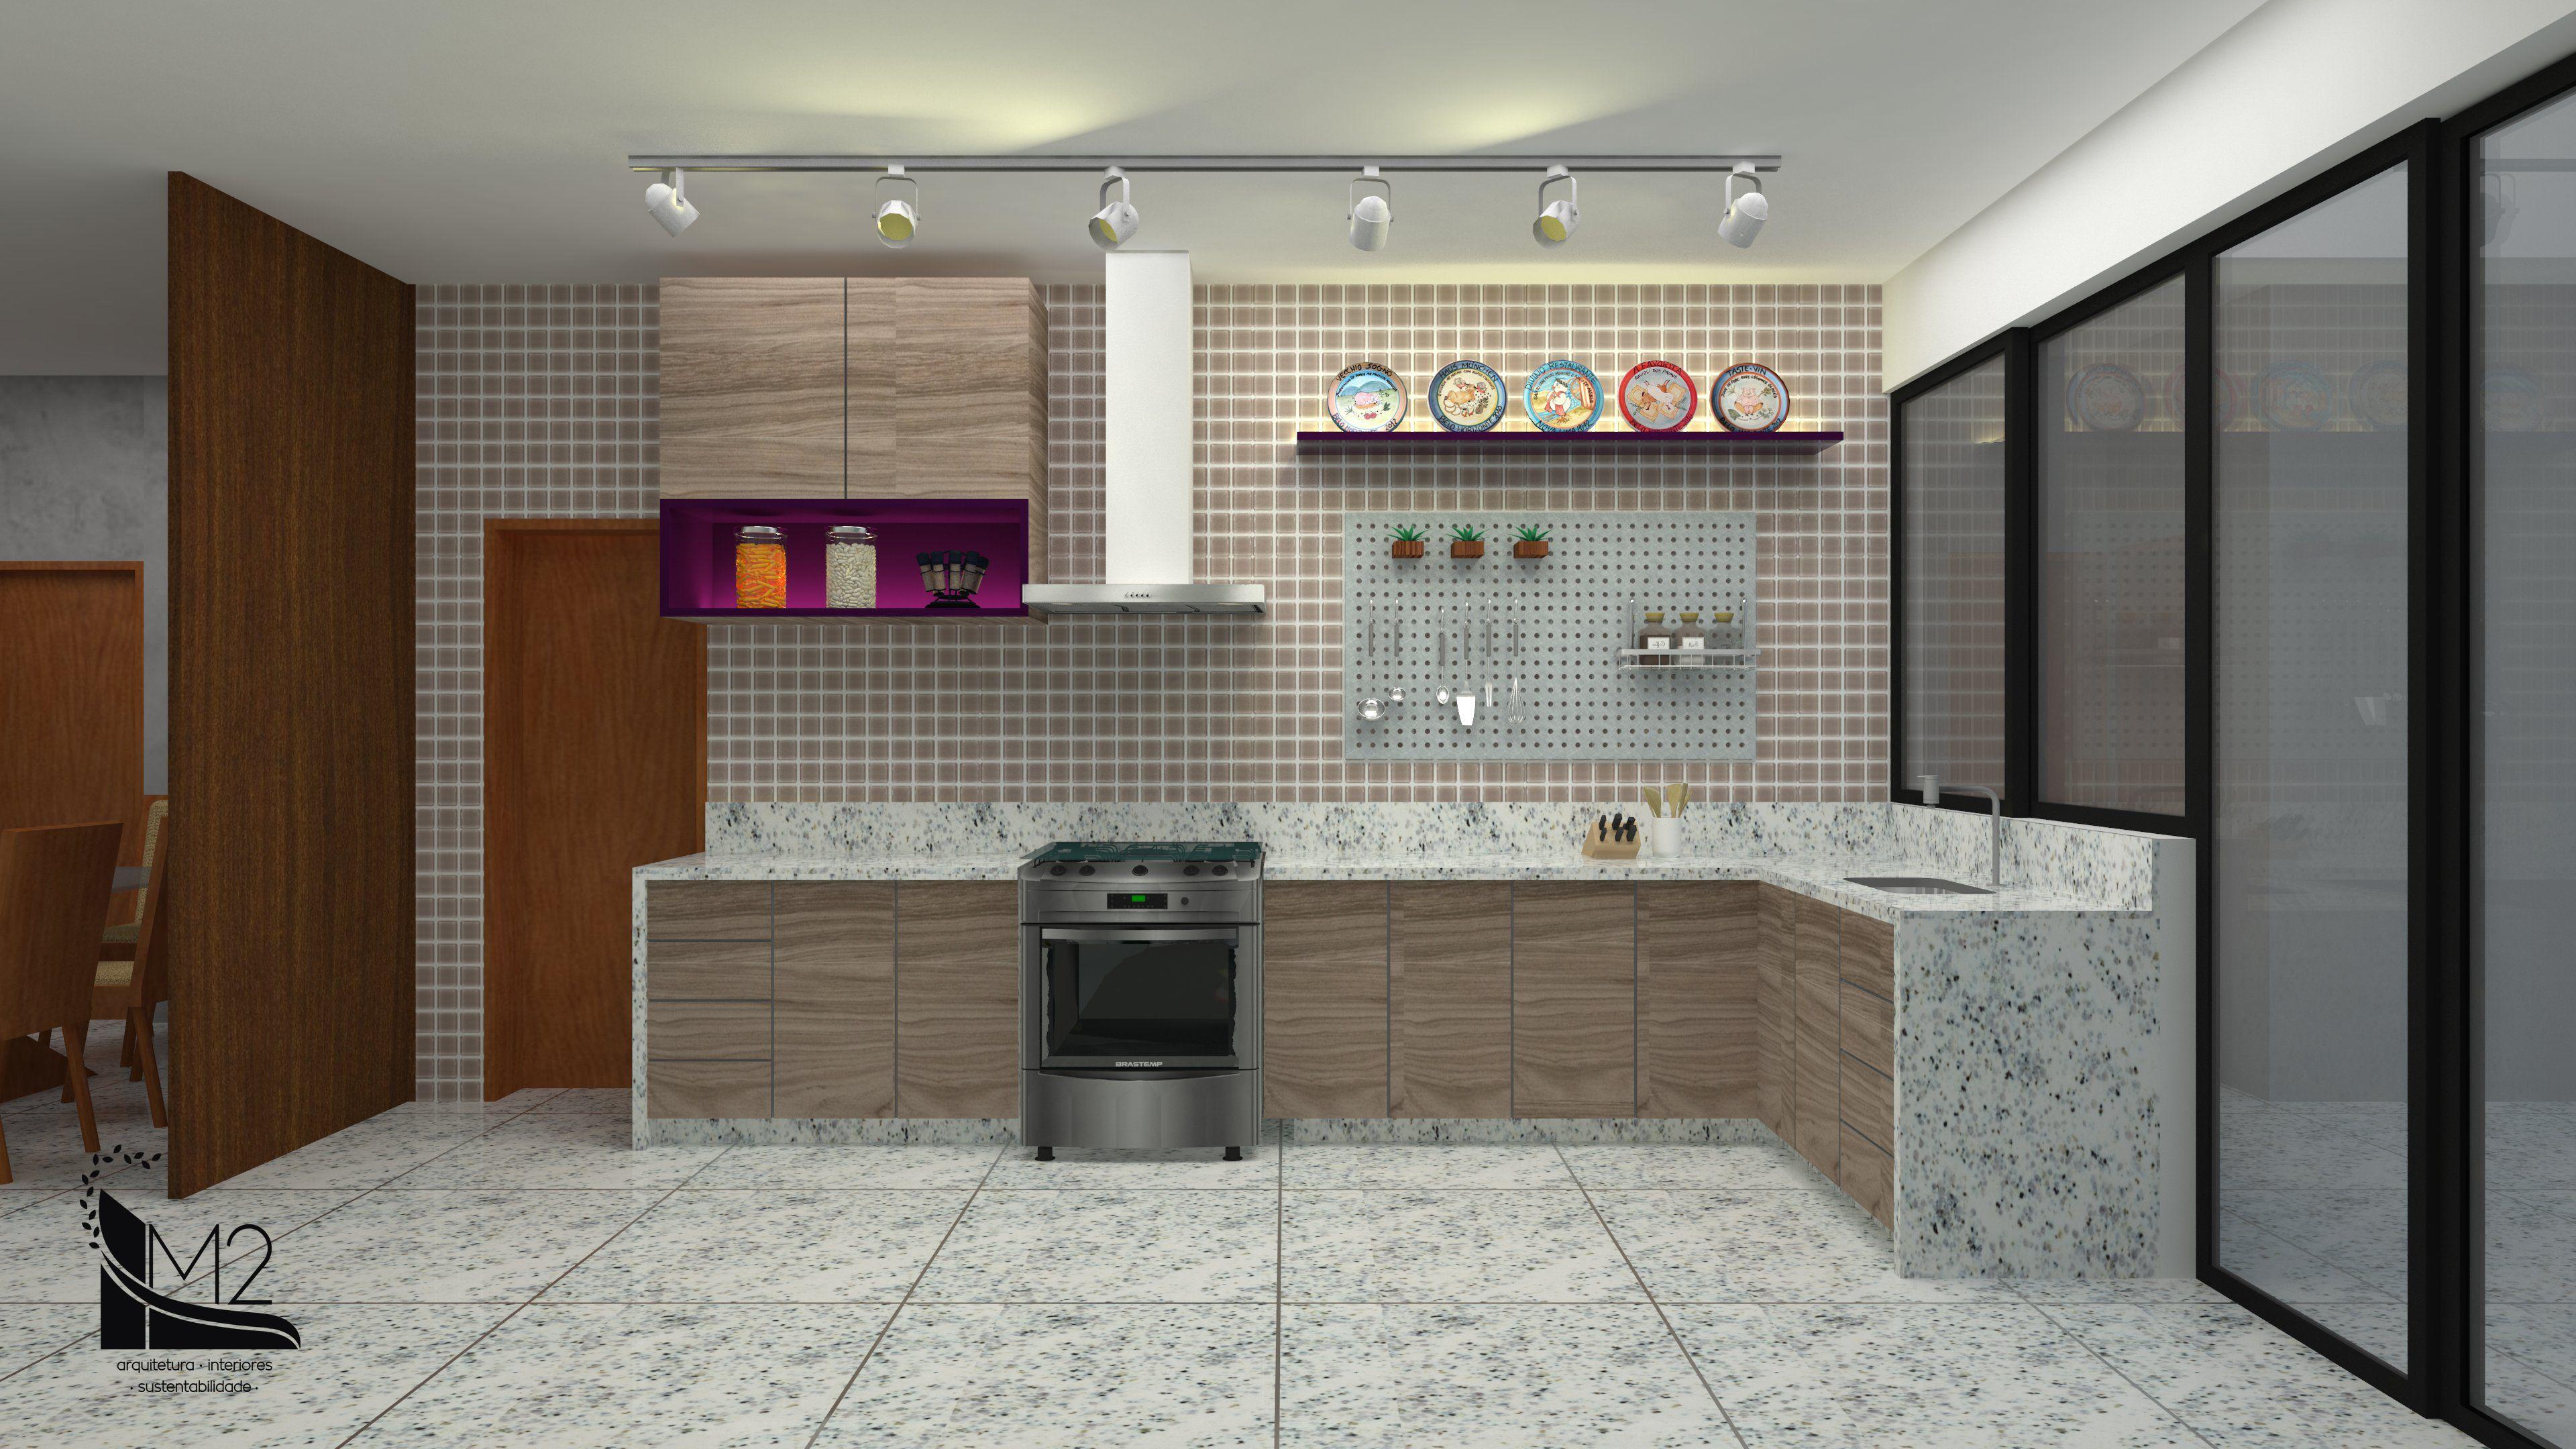 Cozinha No Estilo Industrial Com Ilumina O Em Trilho Eletrificado